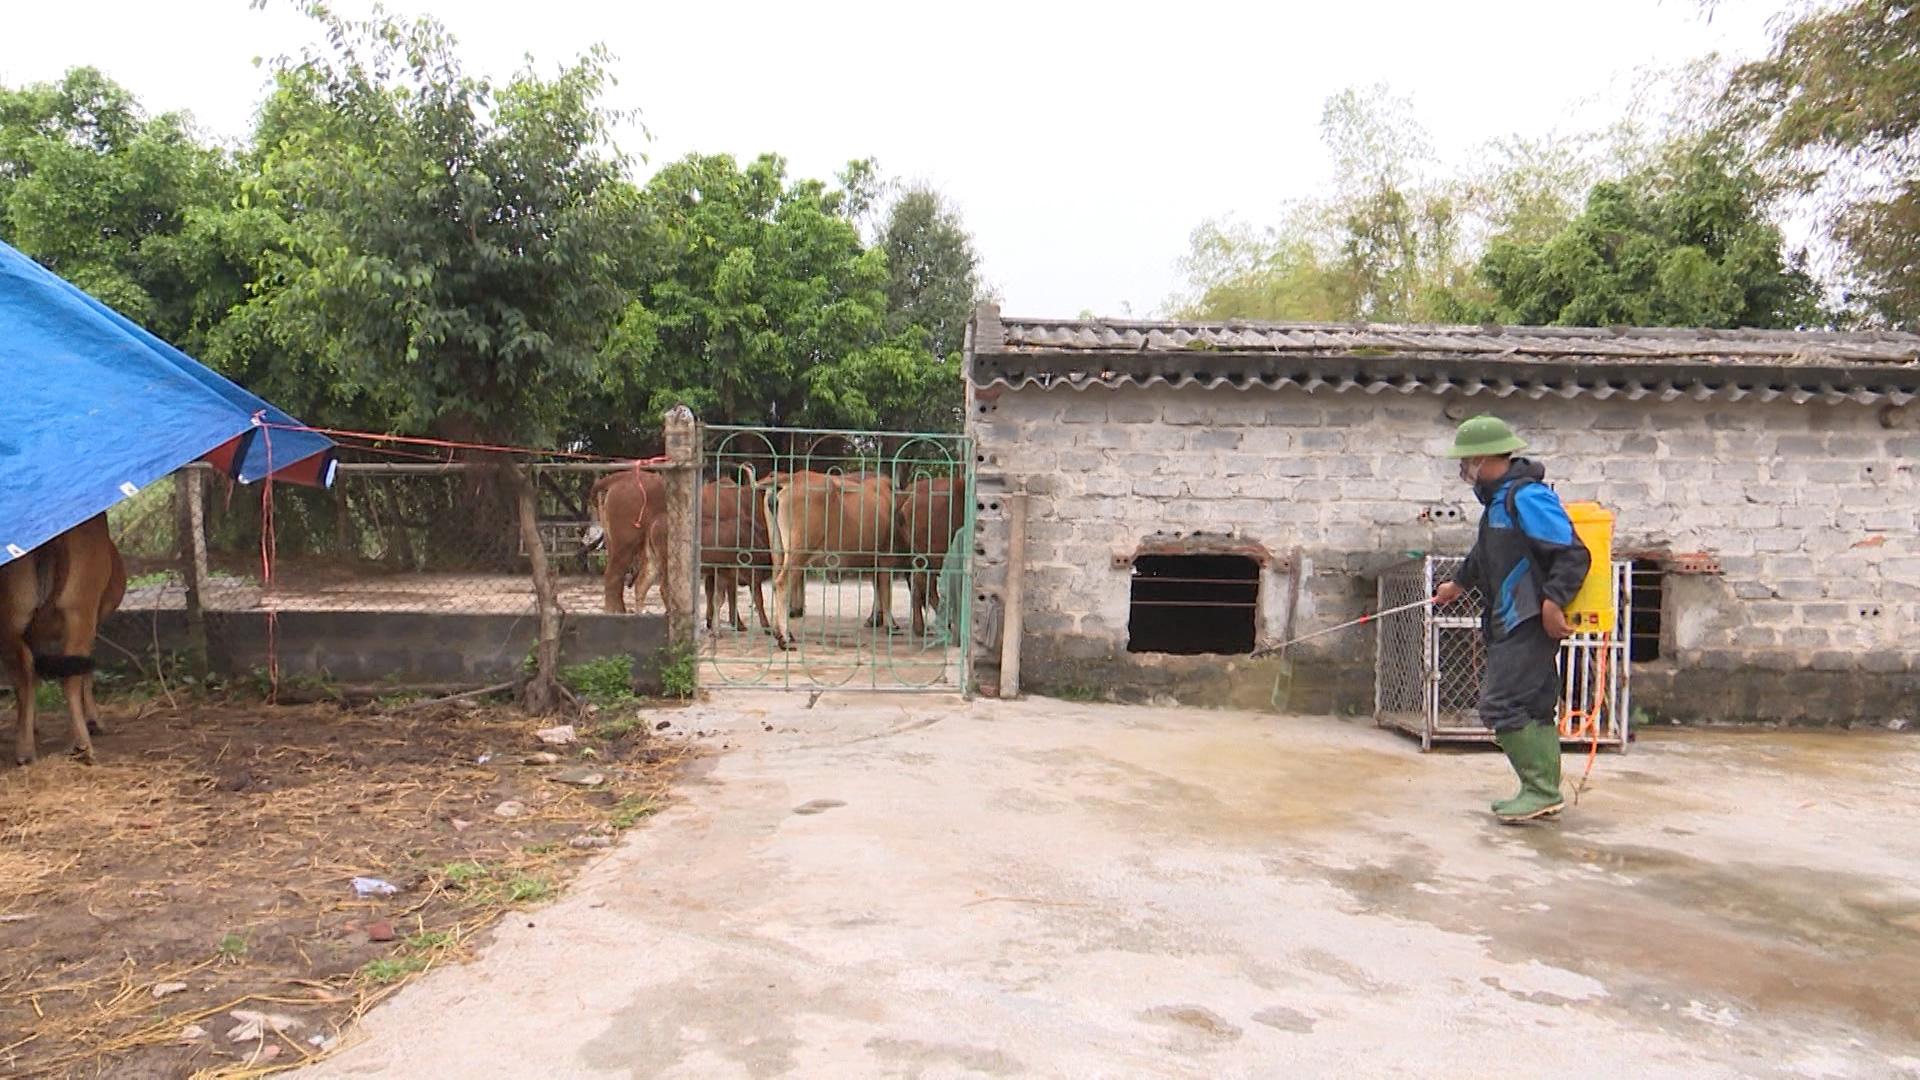 Bệnh viêm da nổi cục trên trâu, bò xuất hiện hiện ở 8/8 huyện, thành phố, tỉnh Thái Bình  - Ảnh 2.